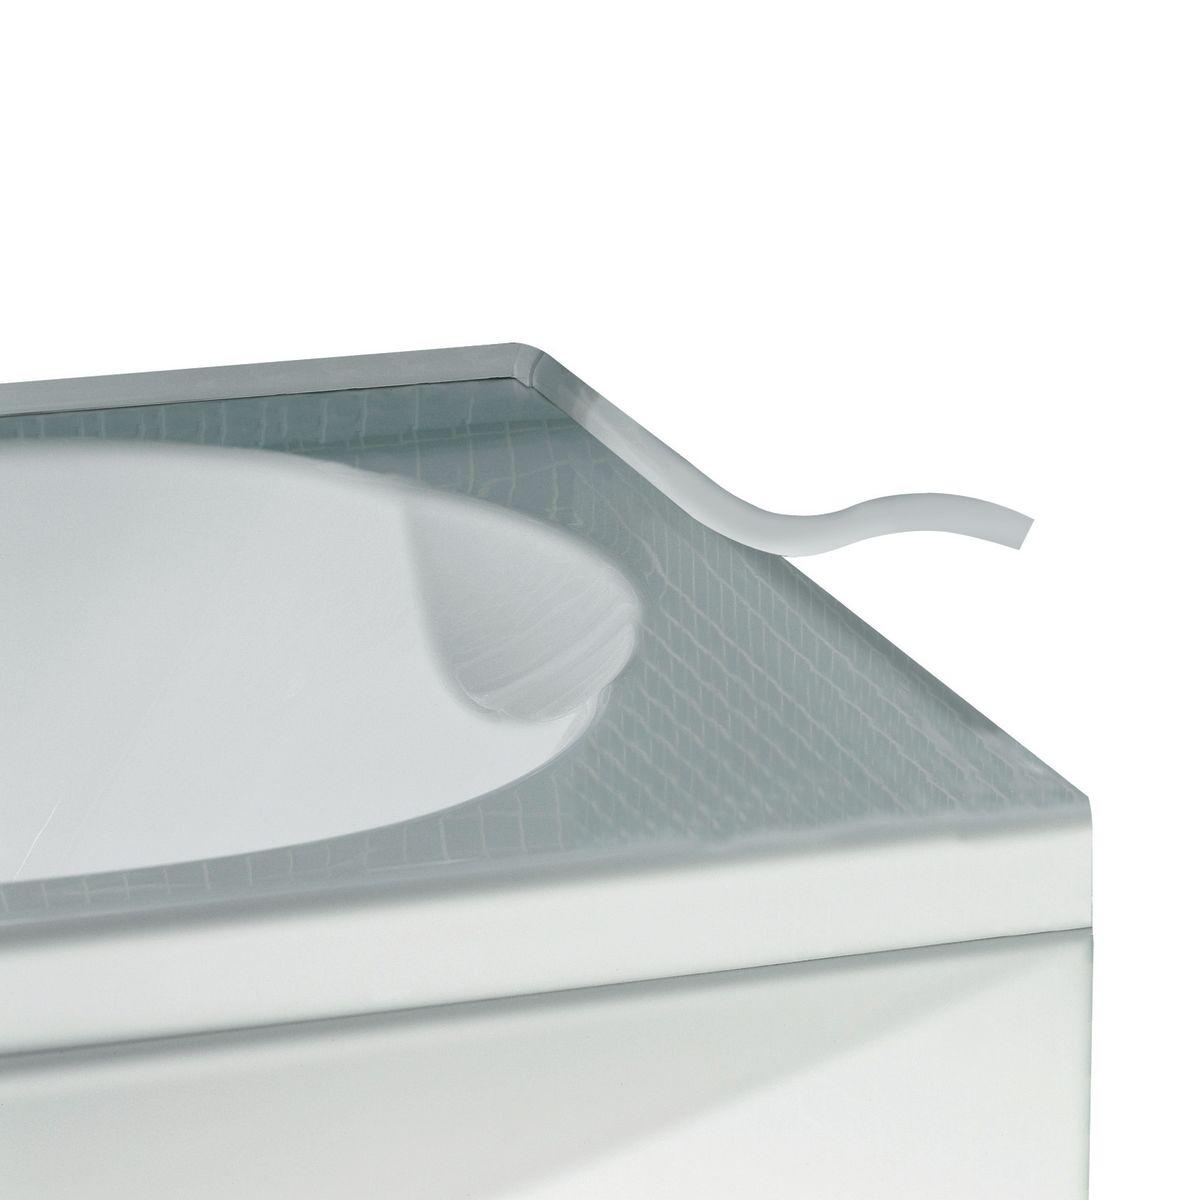 Profilo bordo vasca bianco prezzi e offerte online - Profili auto per colorare ...